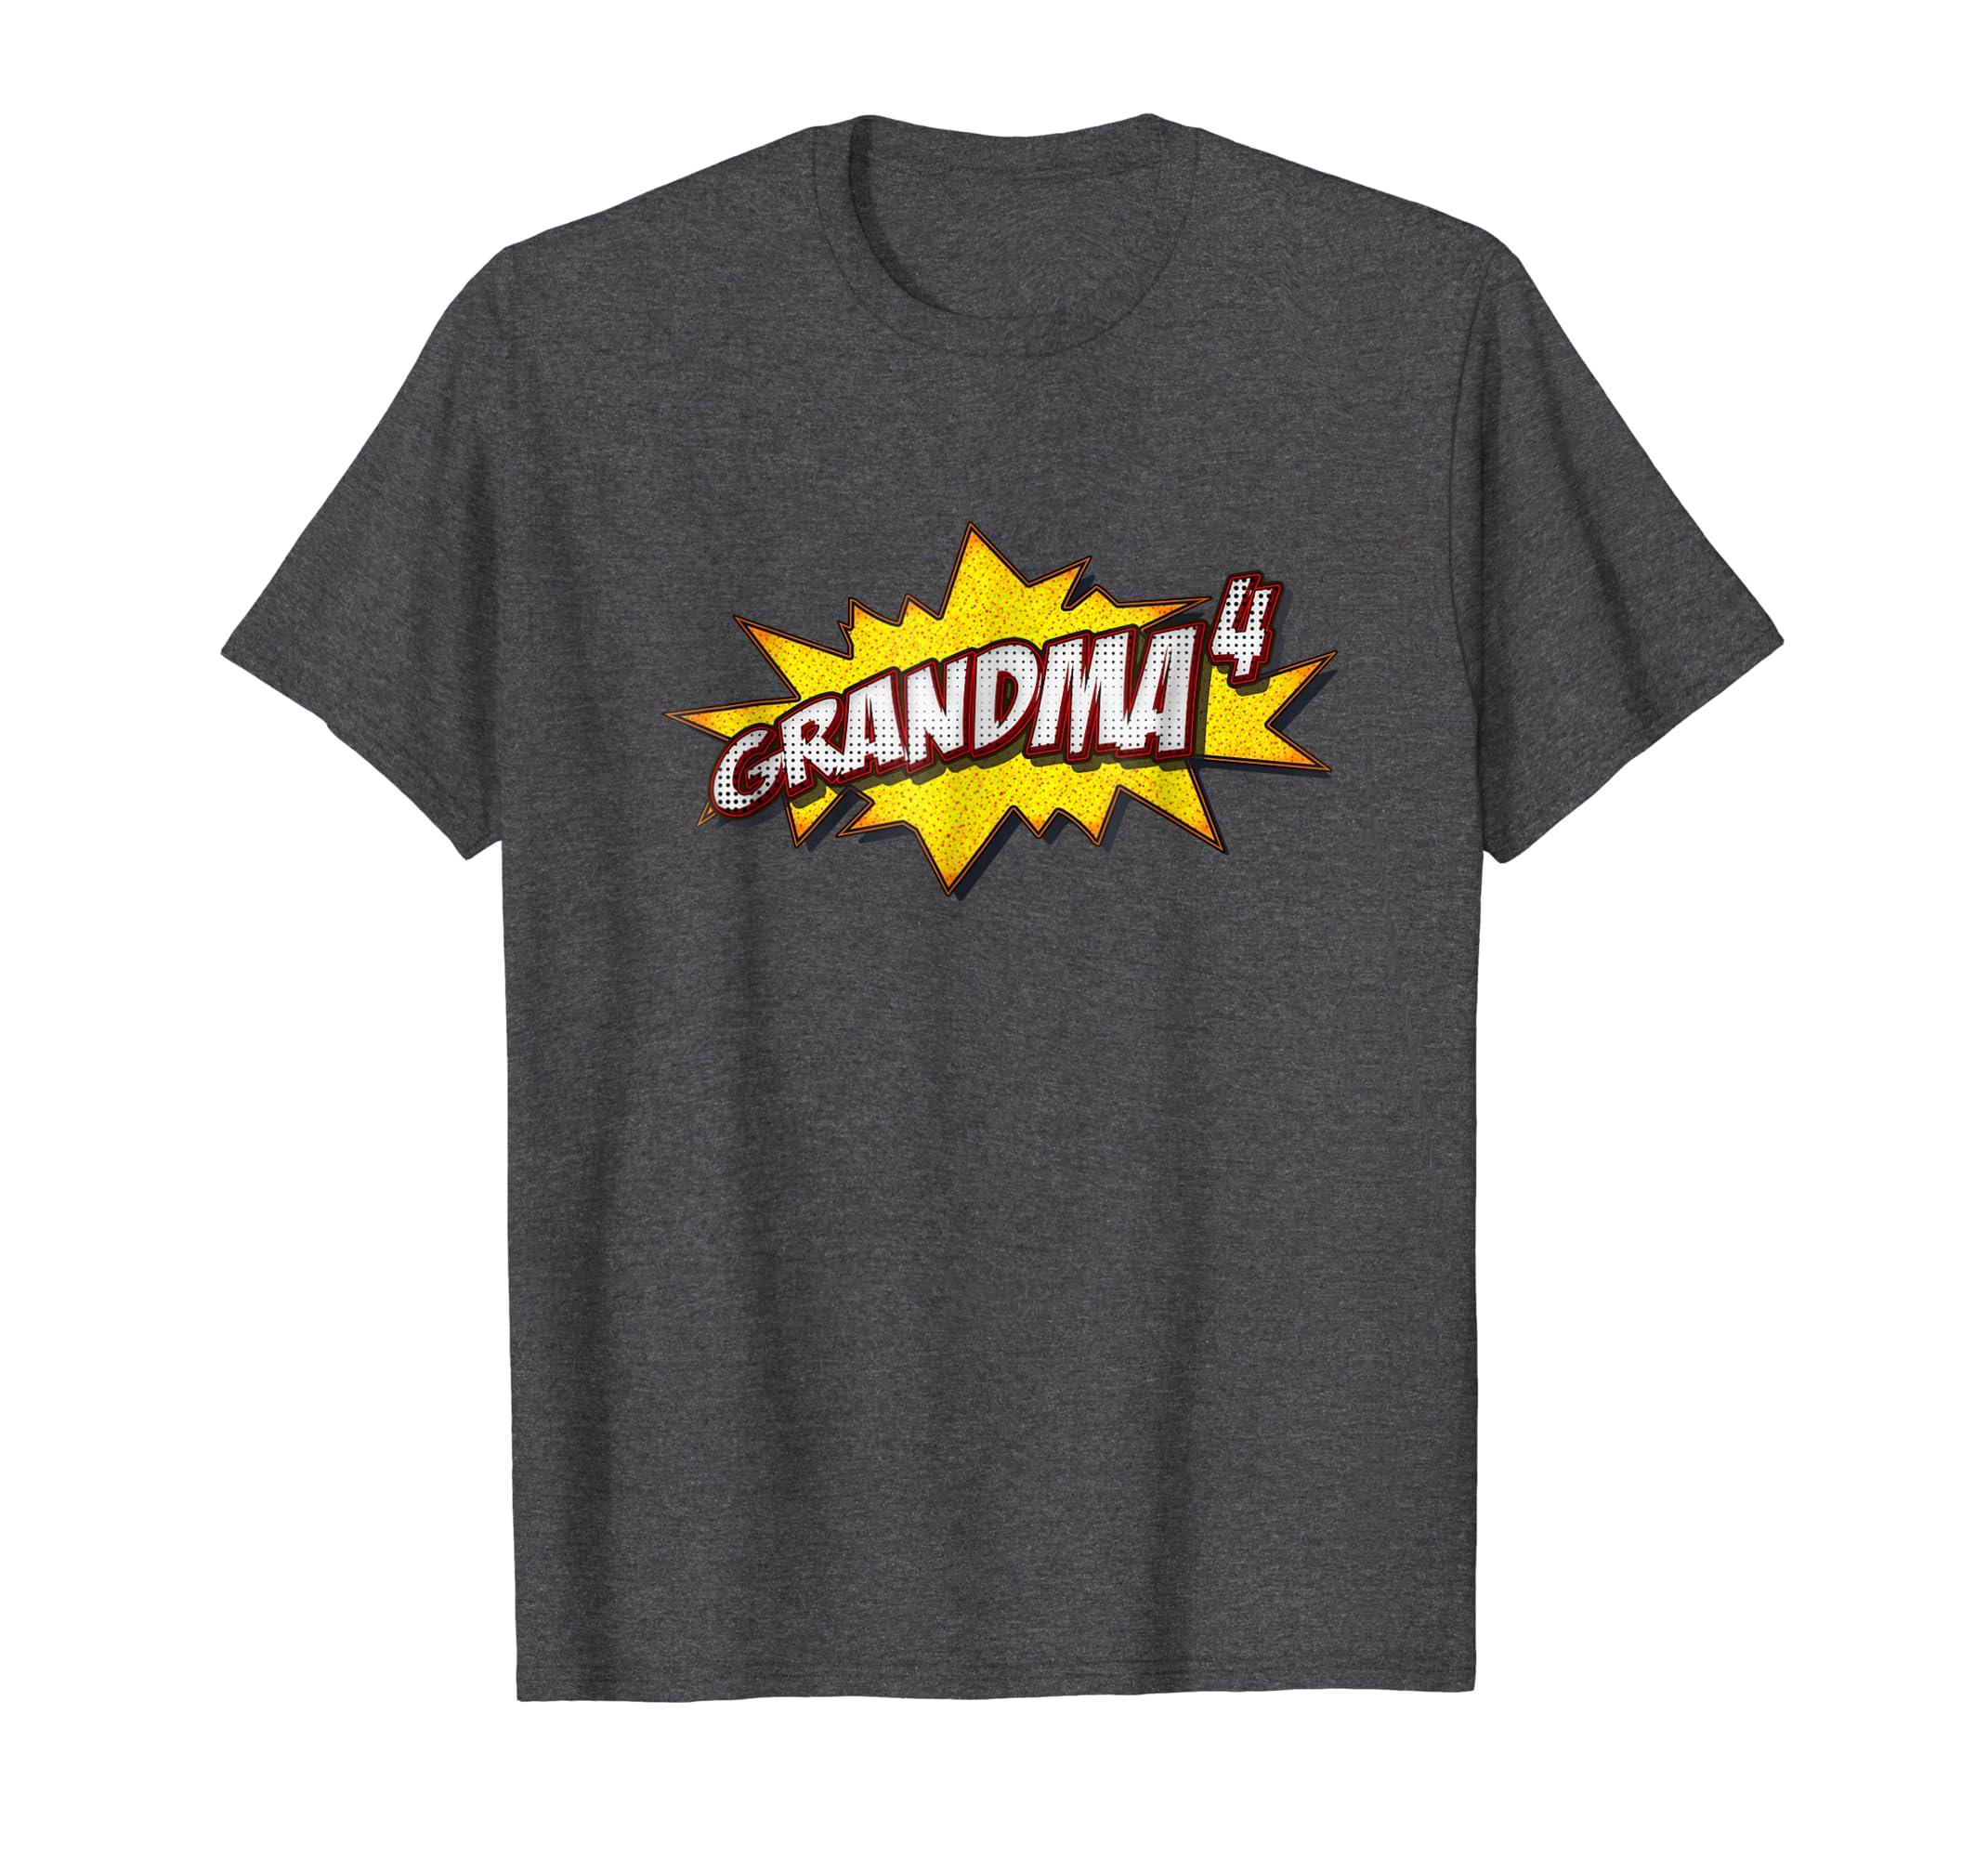 Retro Grandma Of 4 Shirt Quadruplets Grandma Gifts-anz